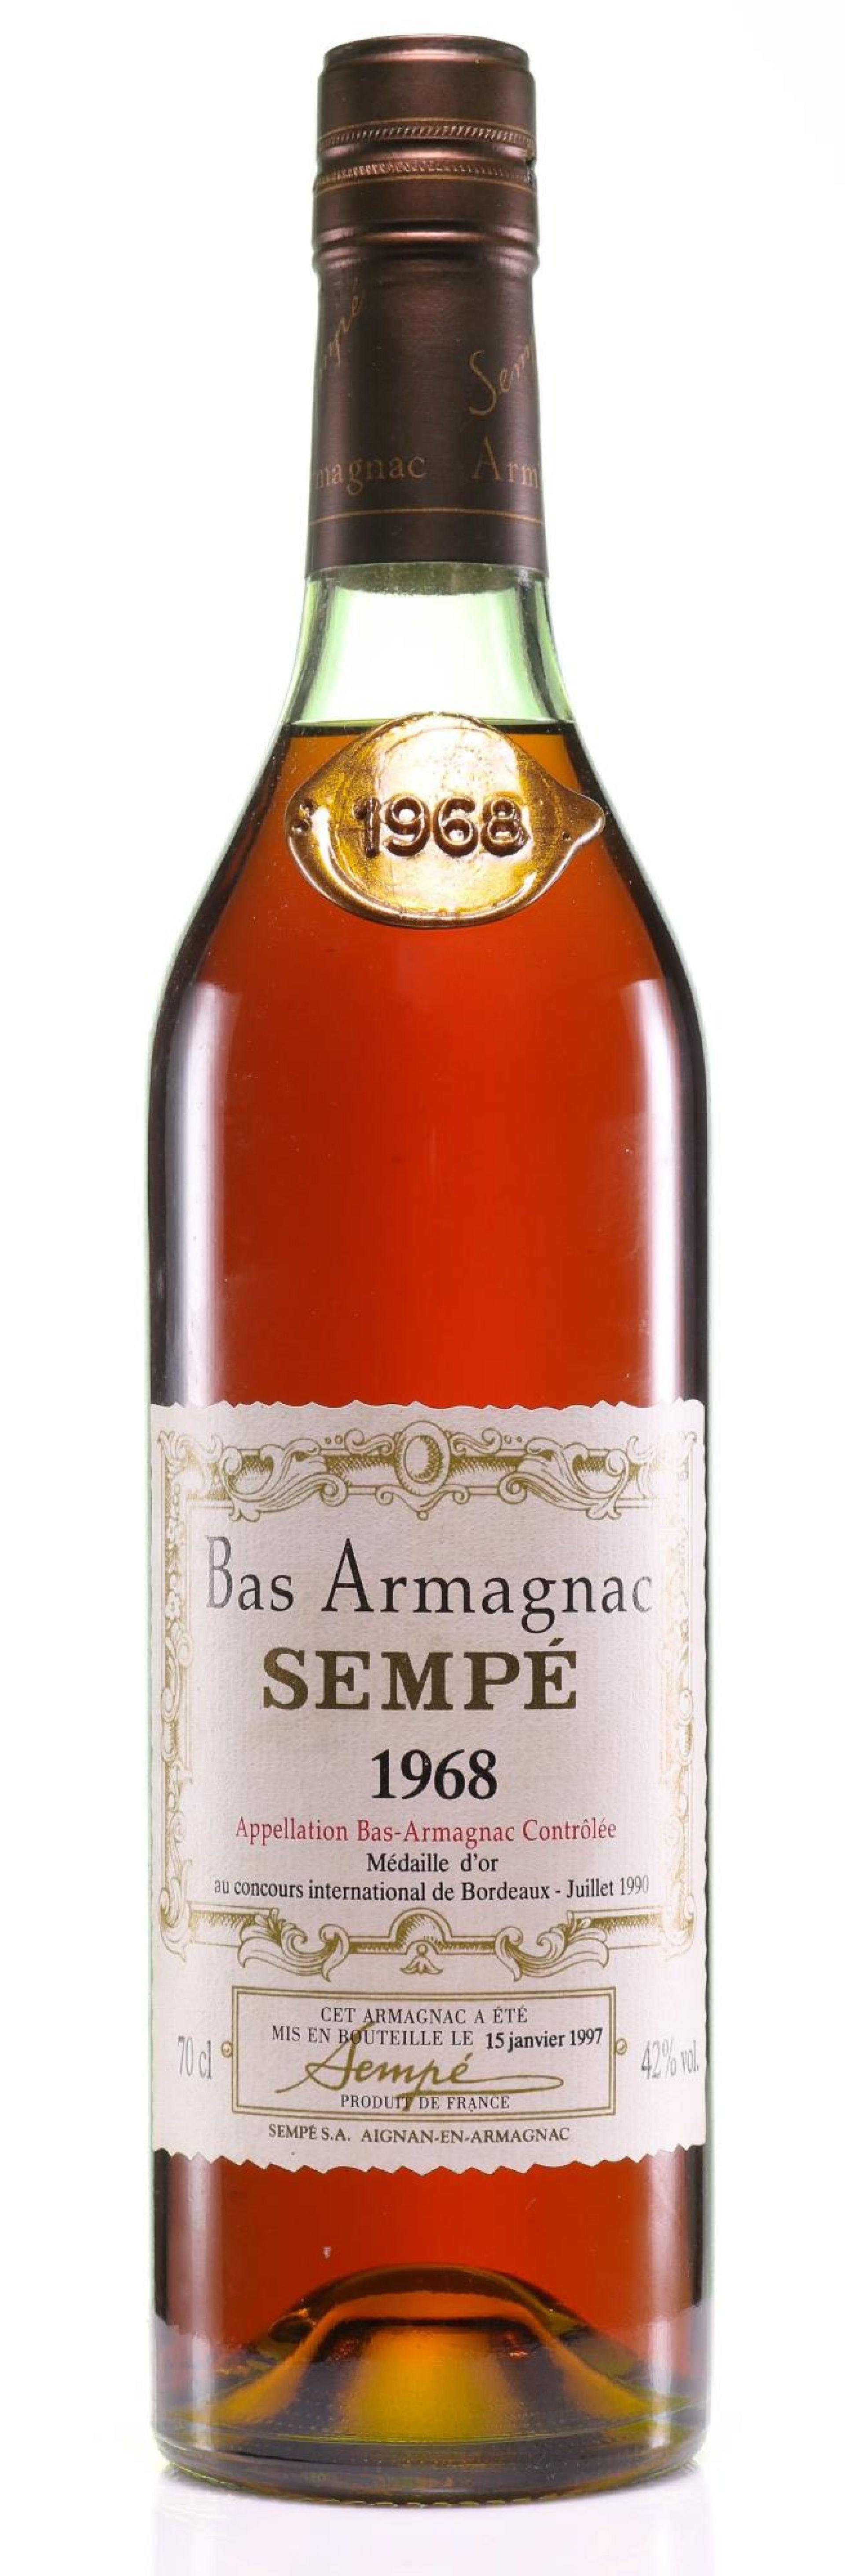 Armagnac 1968 Sempé